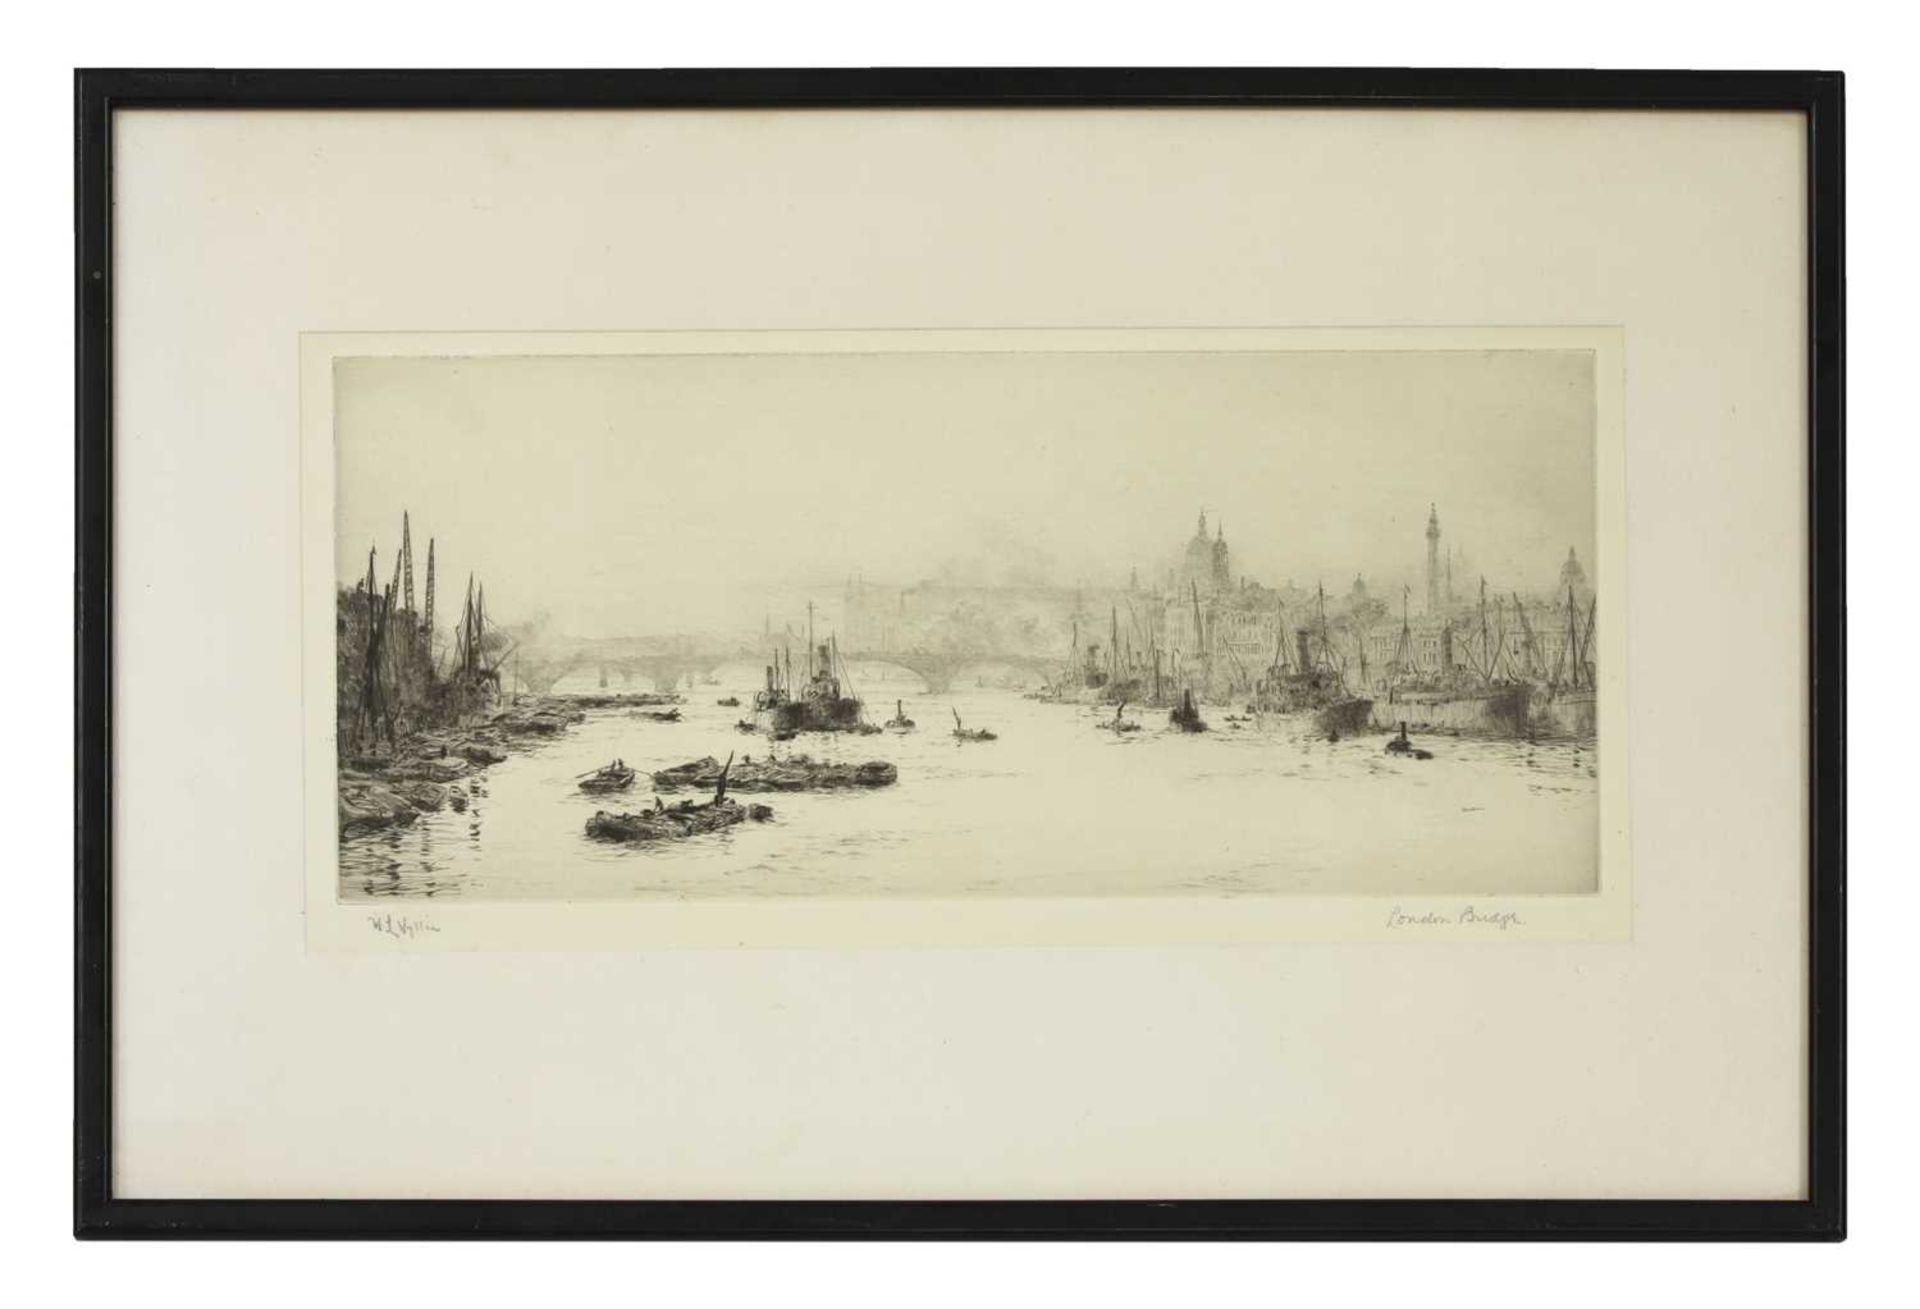 WILLIAM LIONEL WYLLIE (1851-1931) - Image 2 of 2